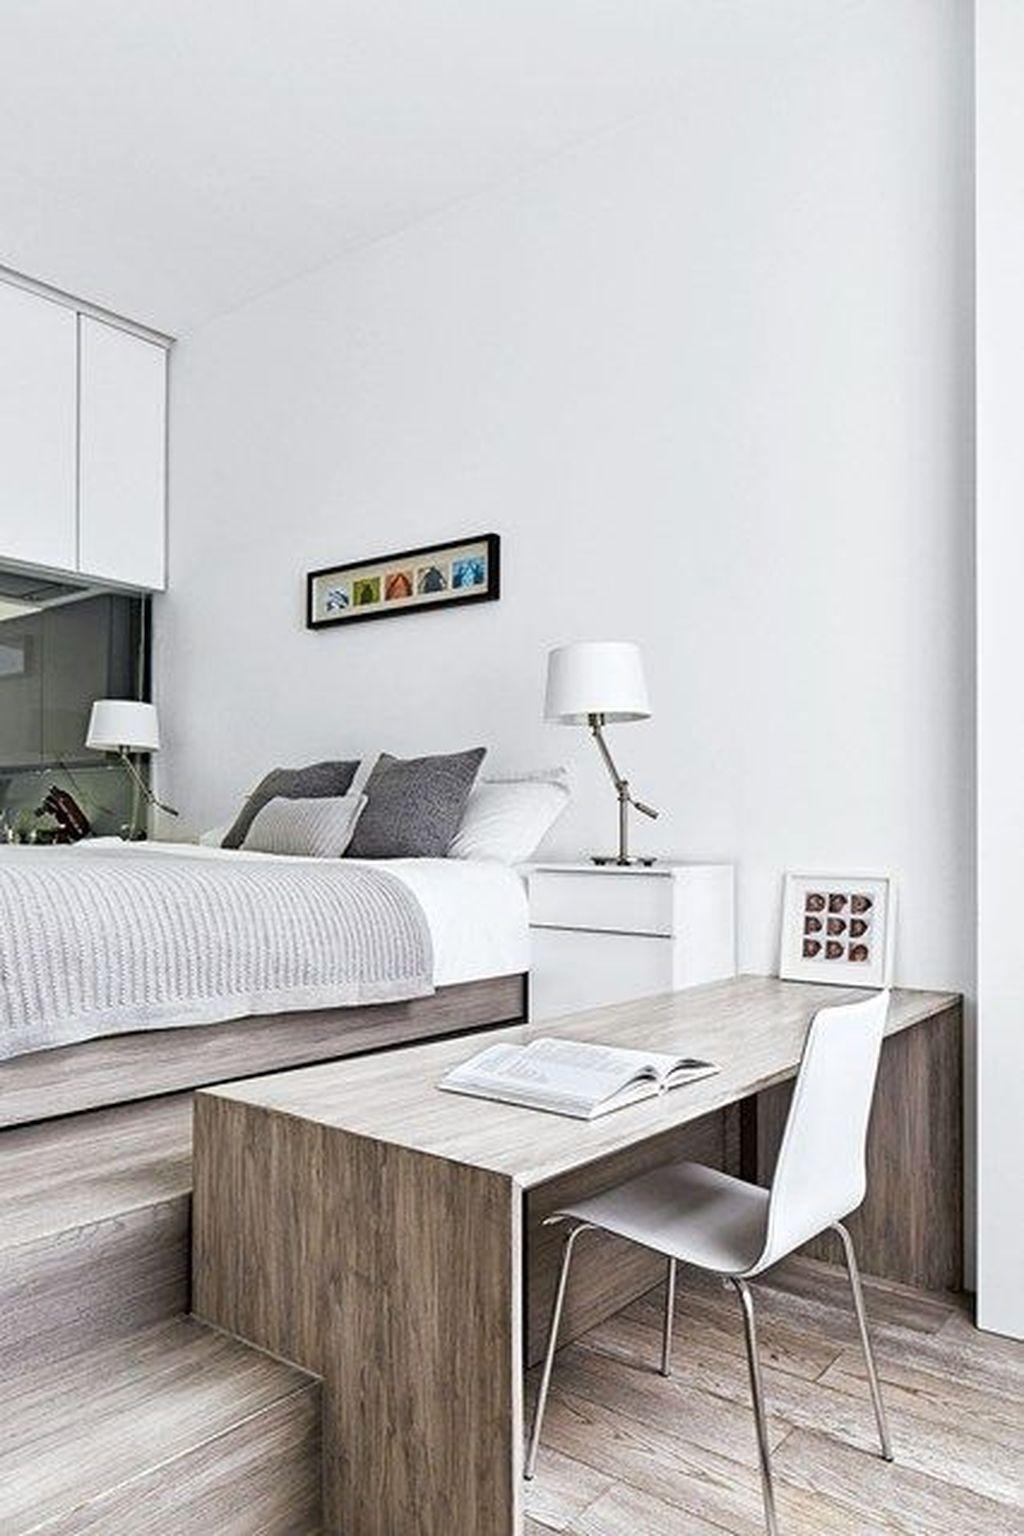 lit estrade bureau incrusté bois gris déco sobre